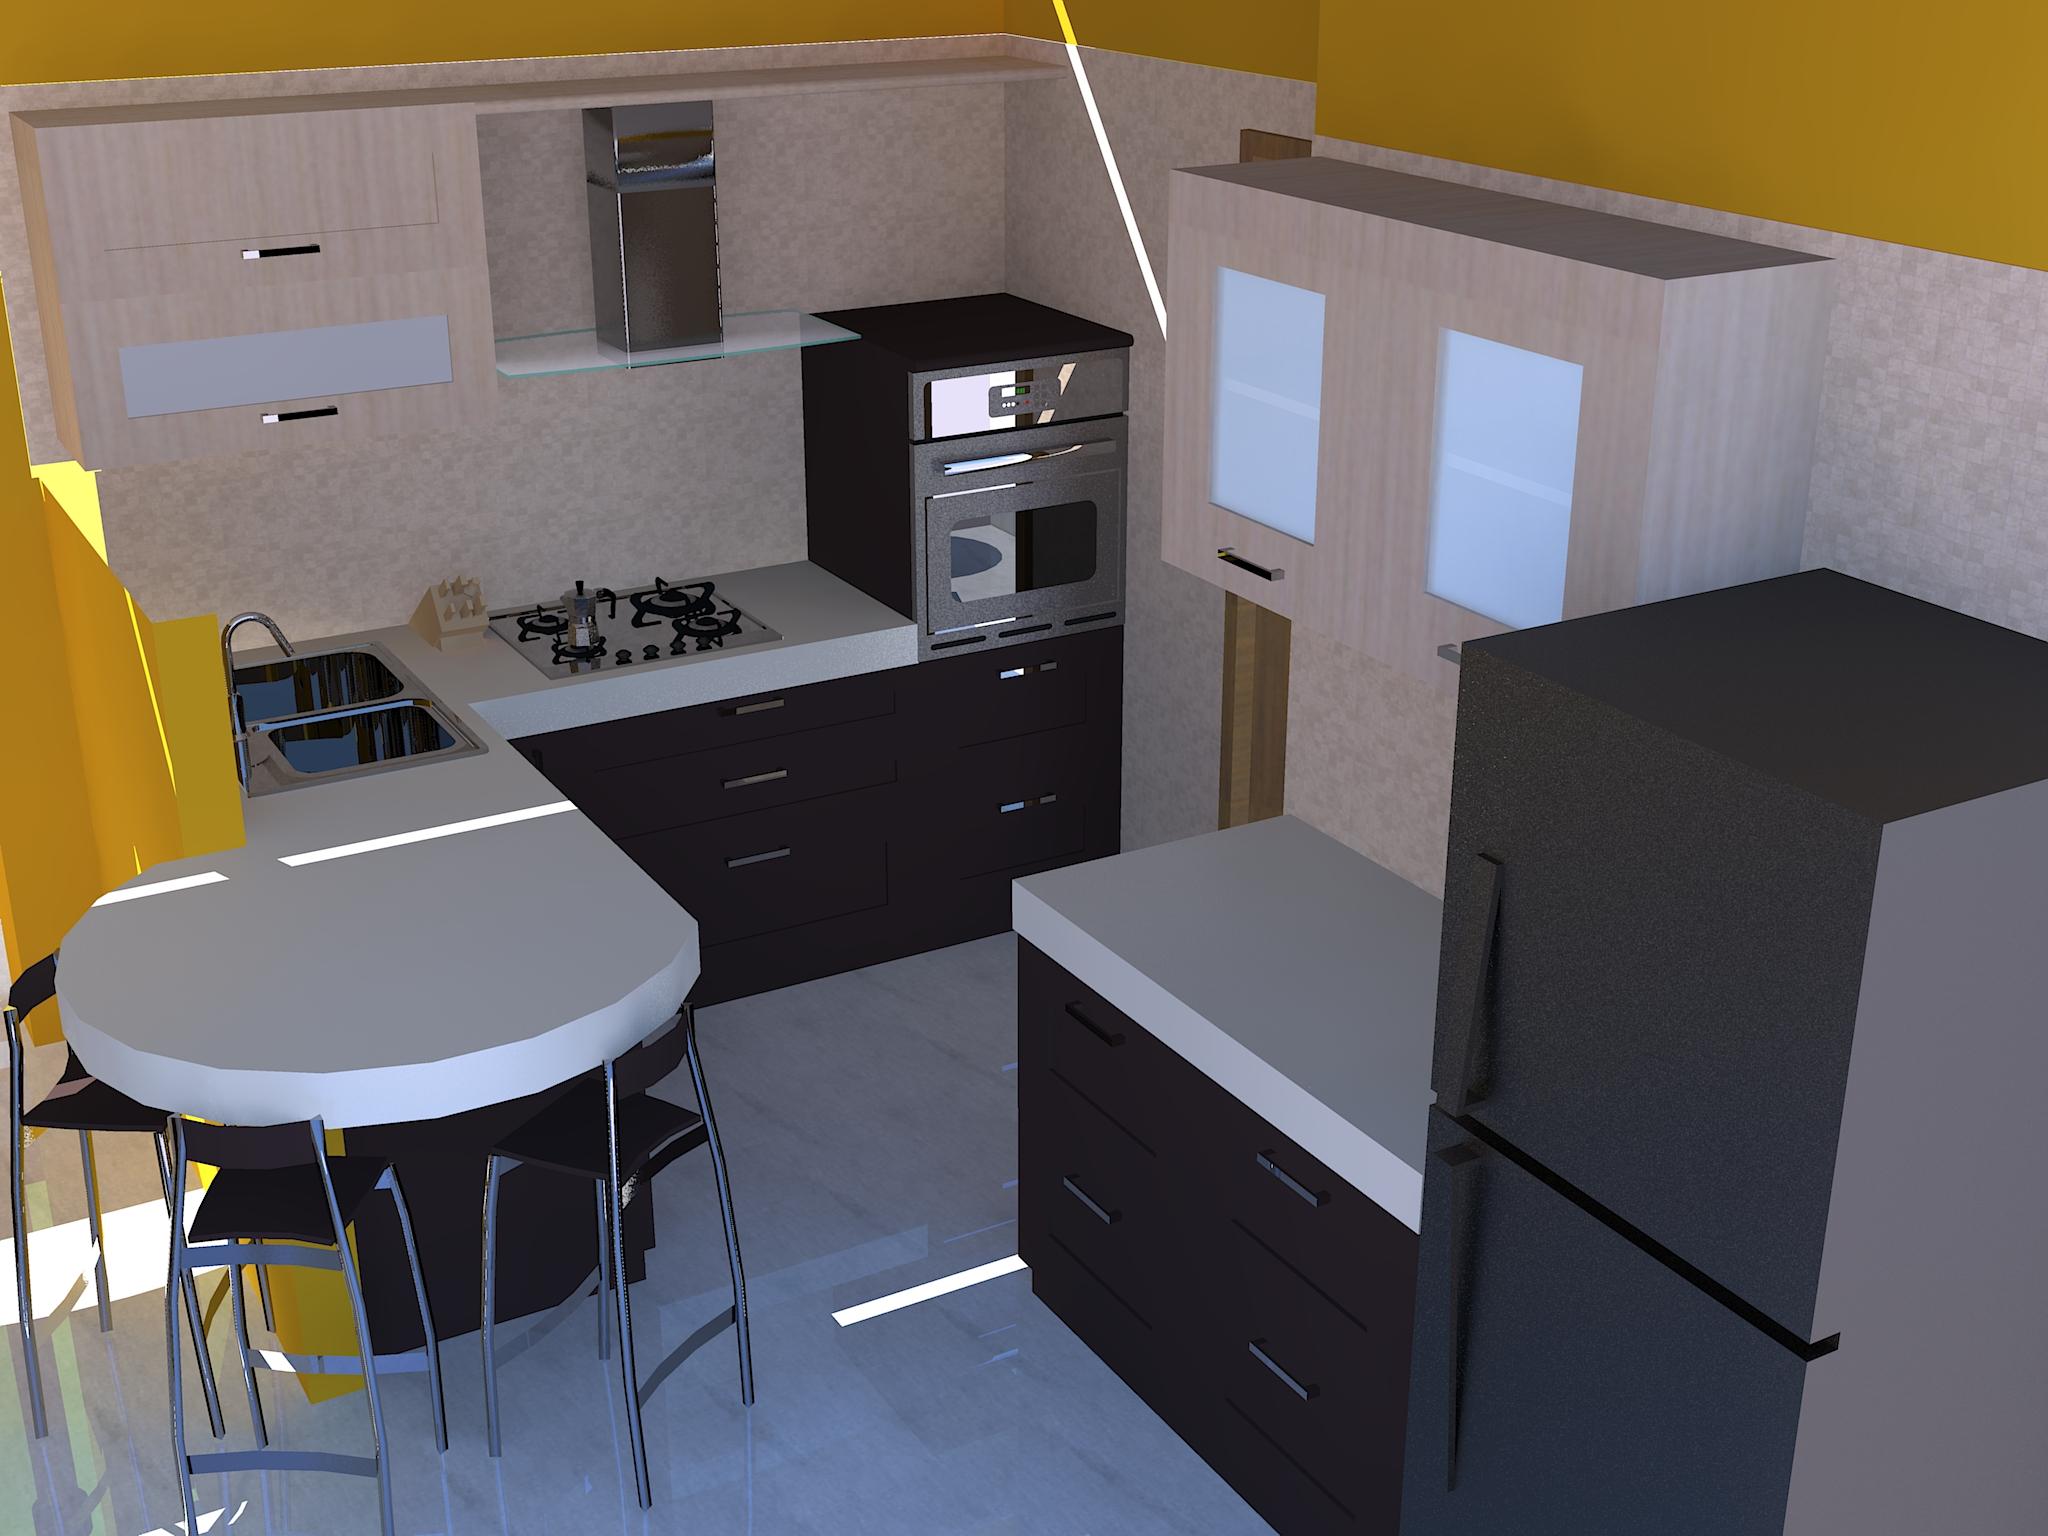 idee per arredare soggiorno con angolo cottura: pavimenti per ... - Design Soggiorno Angolo Cottura